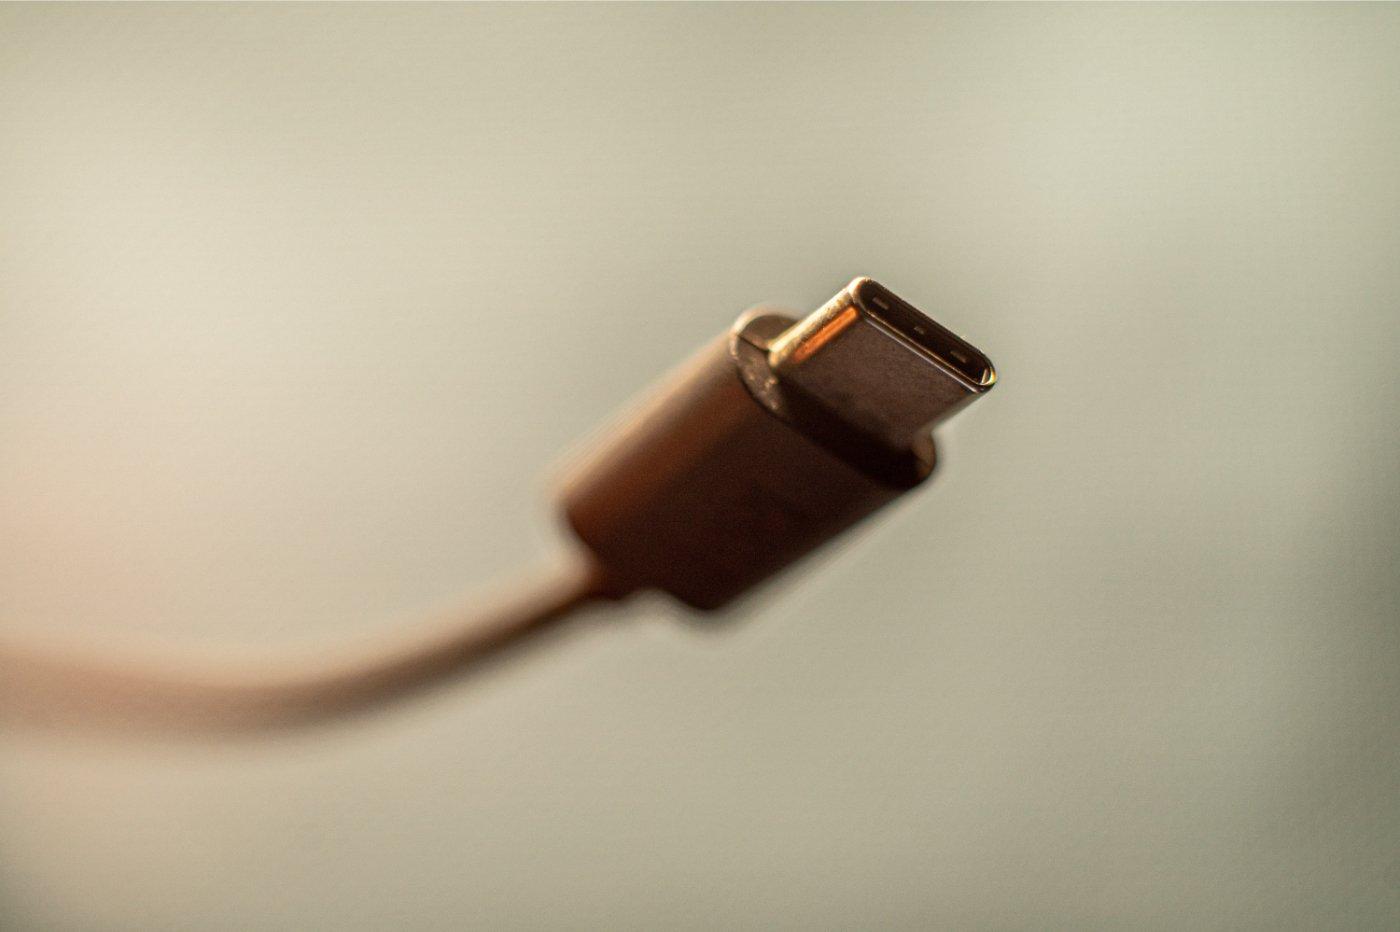 USB-C 240W